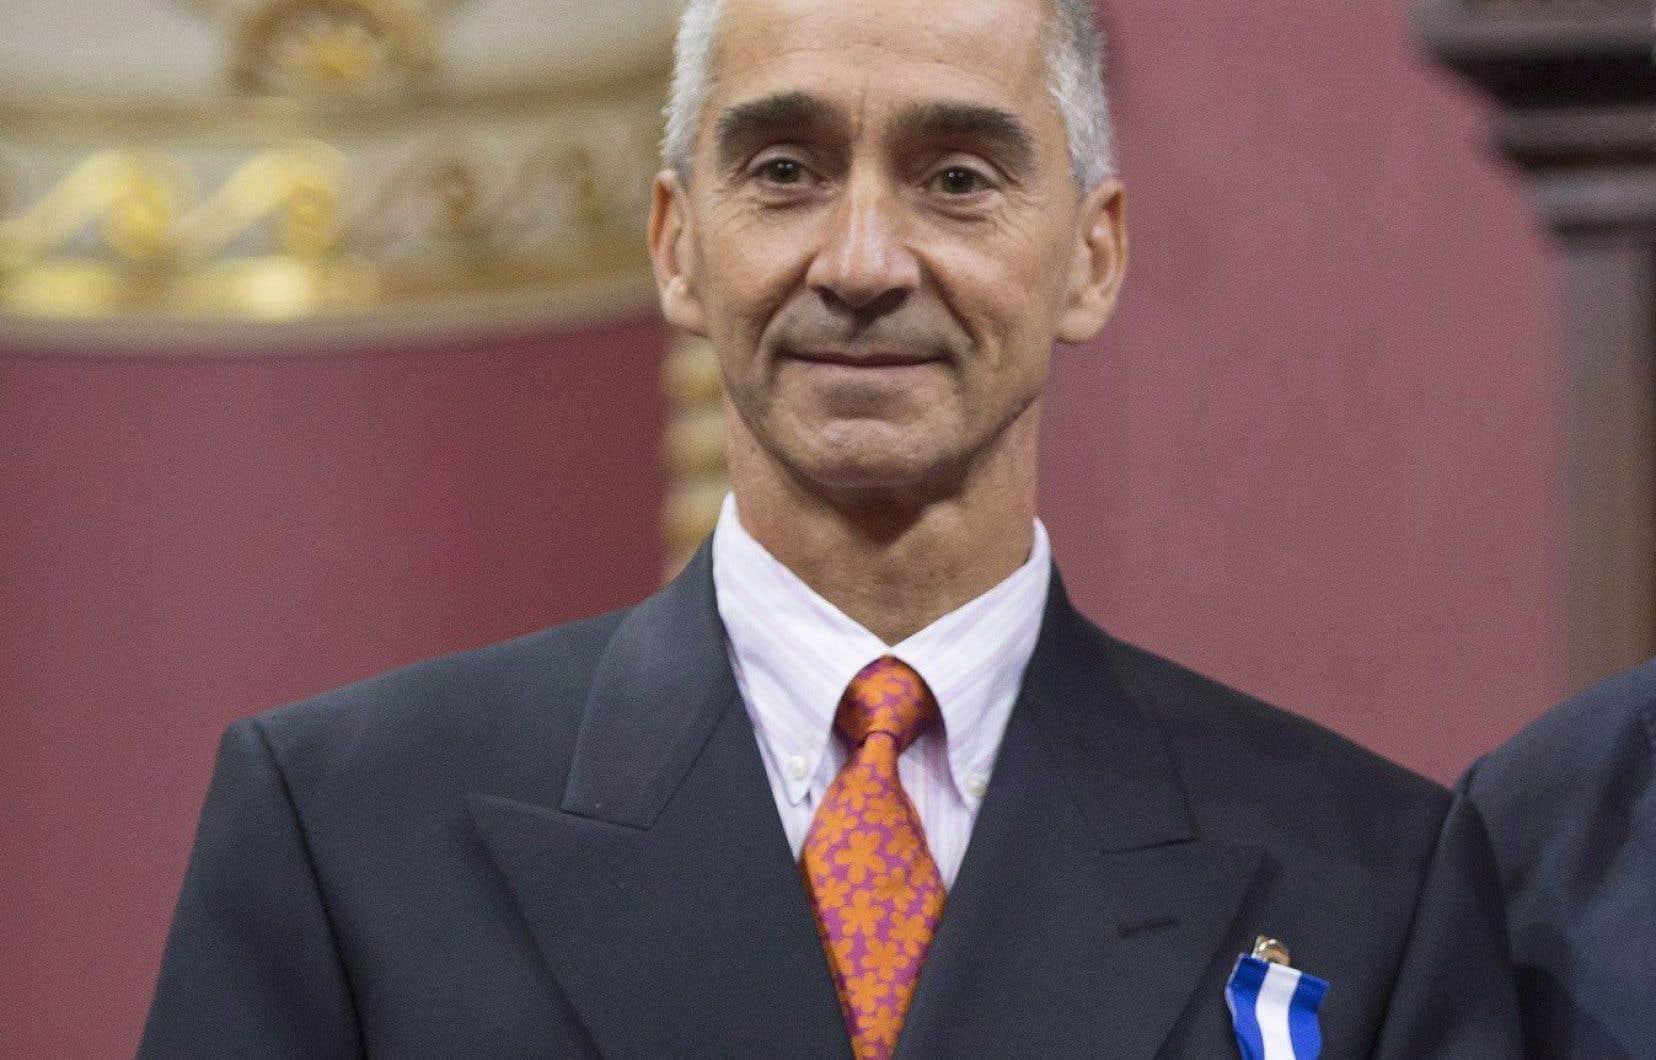 Patrick Pichette a reçu le titre deChevalier de l'Ordre national du Québec en 2015.